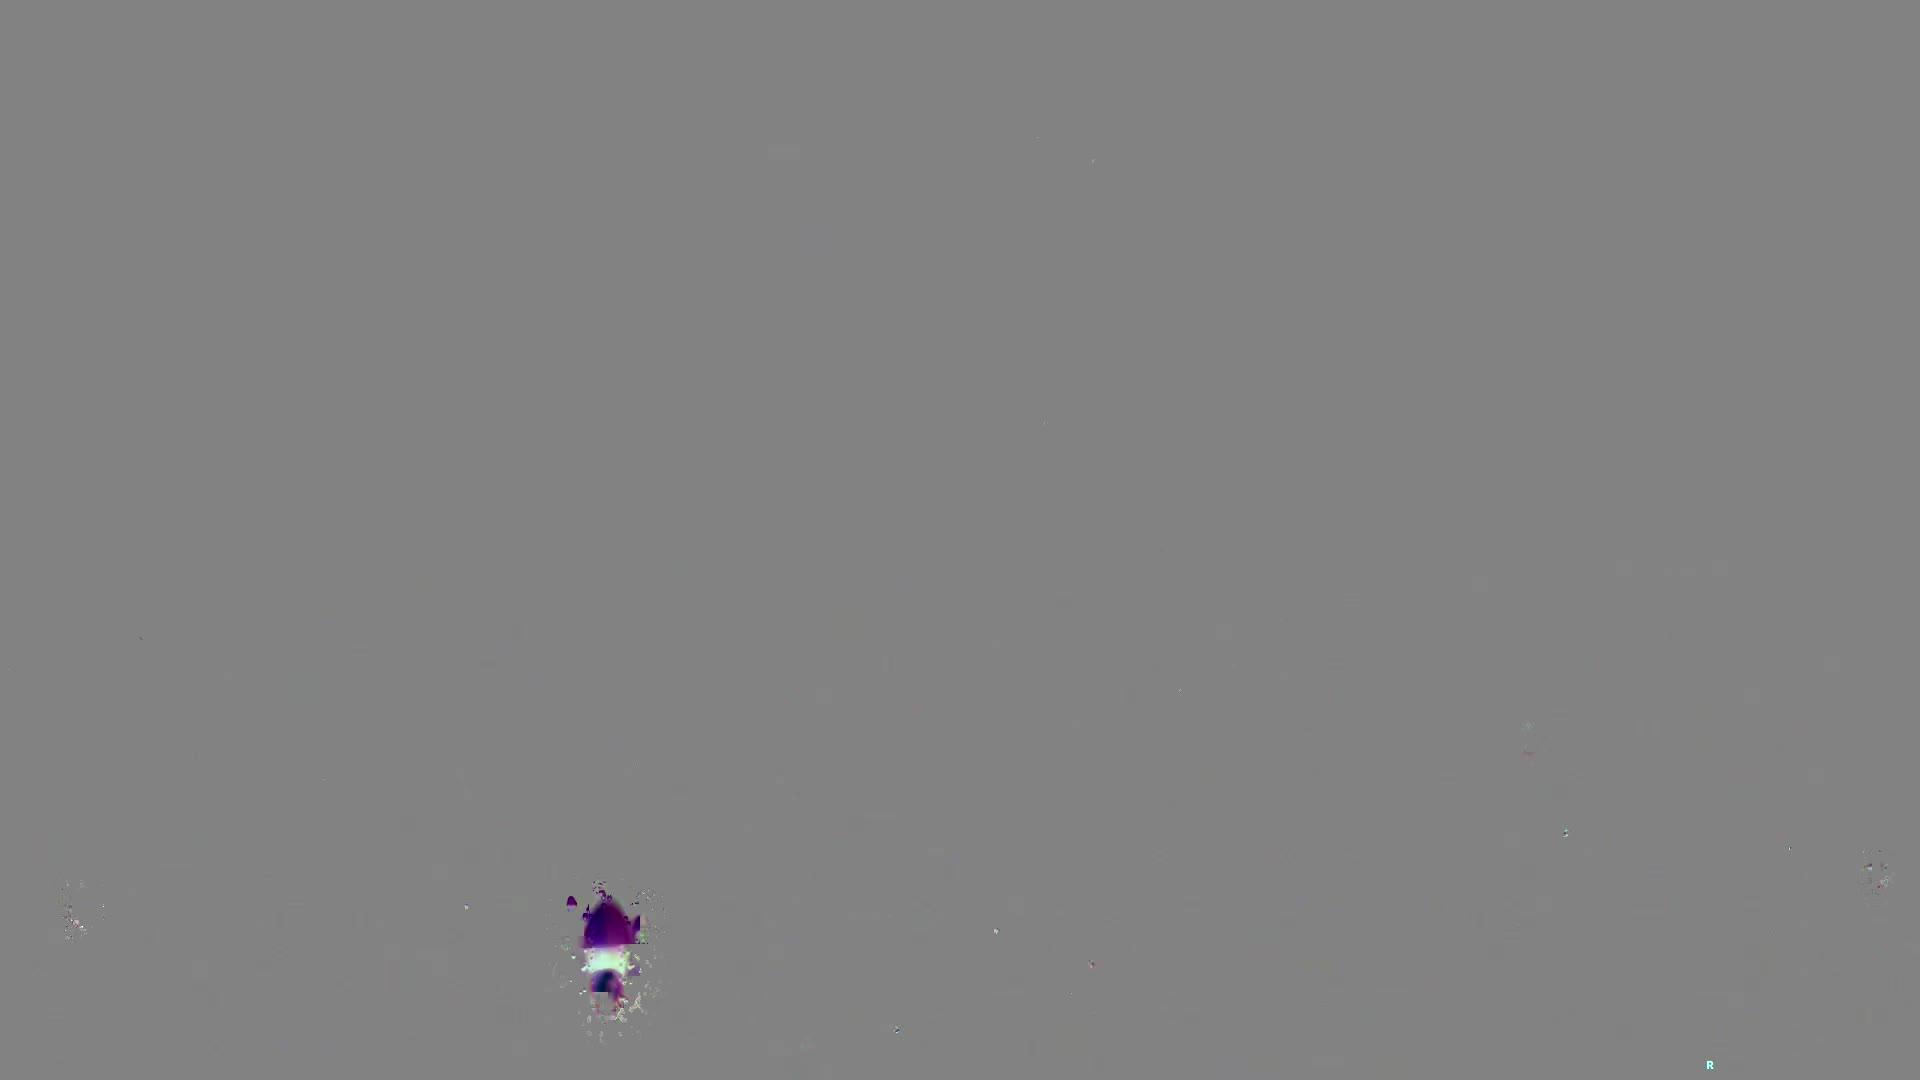 Video 1-5-2018 10-13-33 AM GIFs